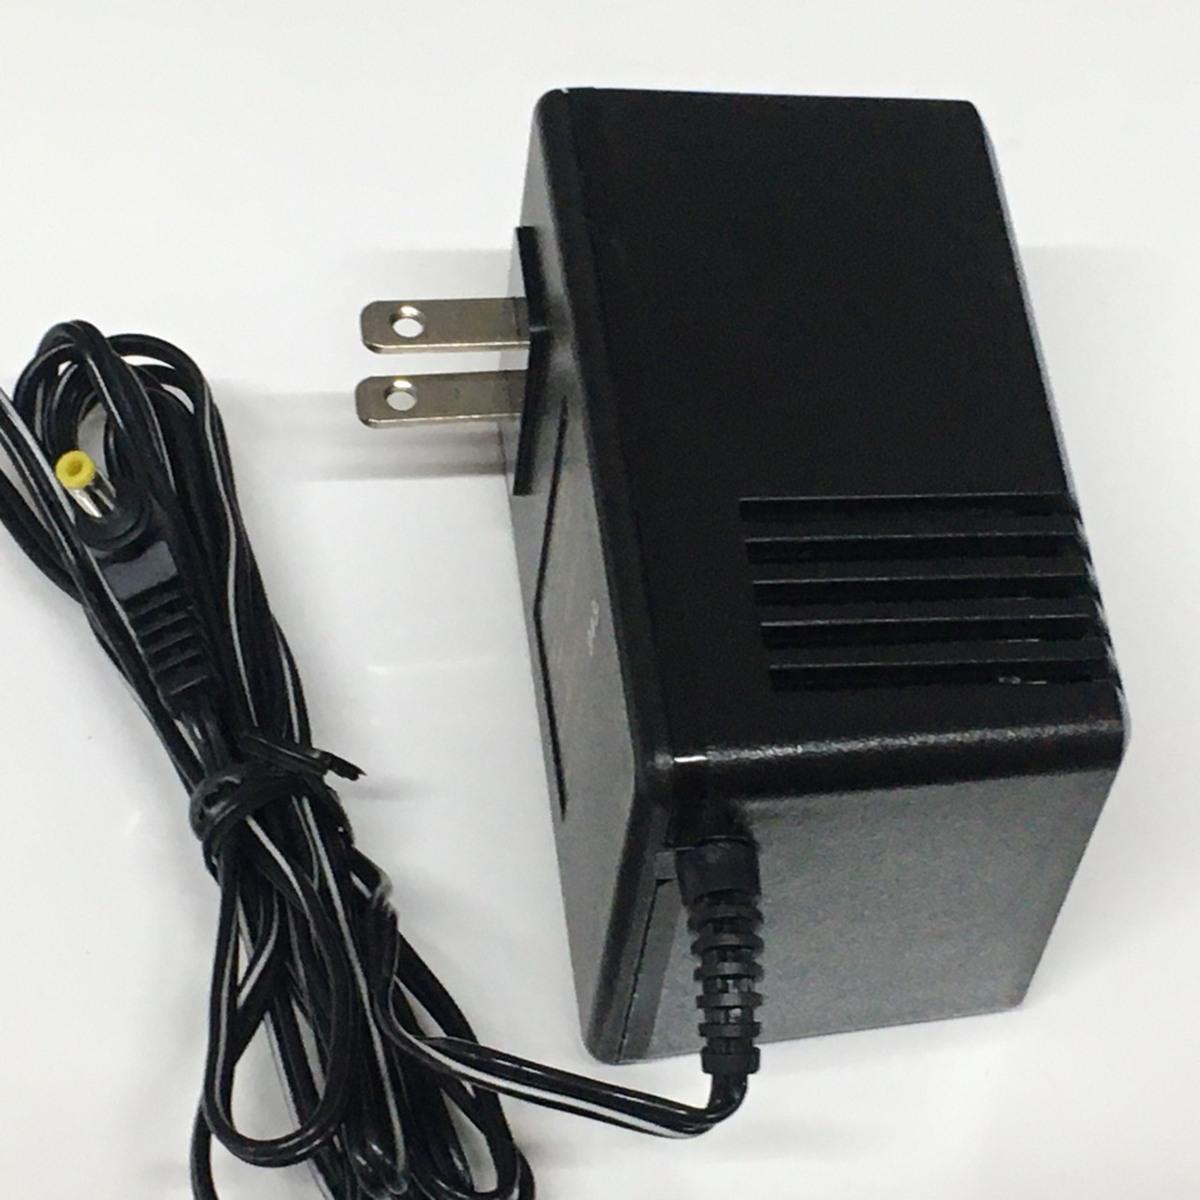 ■カシオ 液晶TV専用 ACアダプター AD-K600J DC6V 750mA /中古品 CASIO τ■_画像2